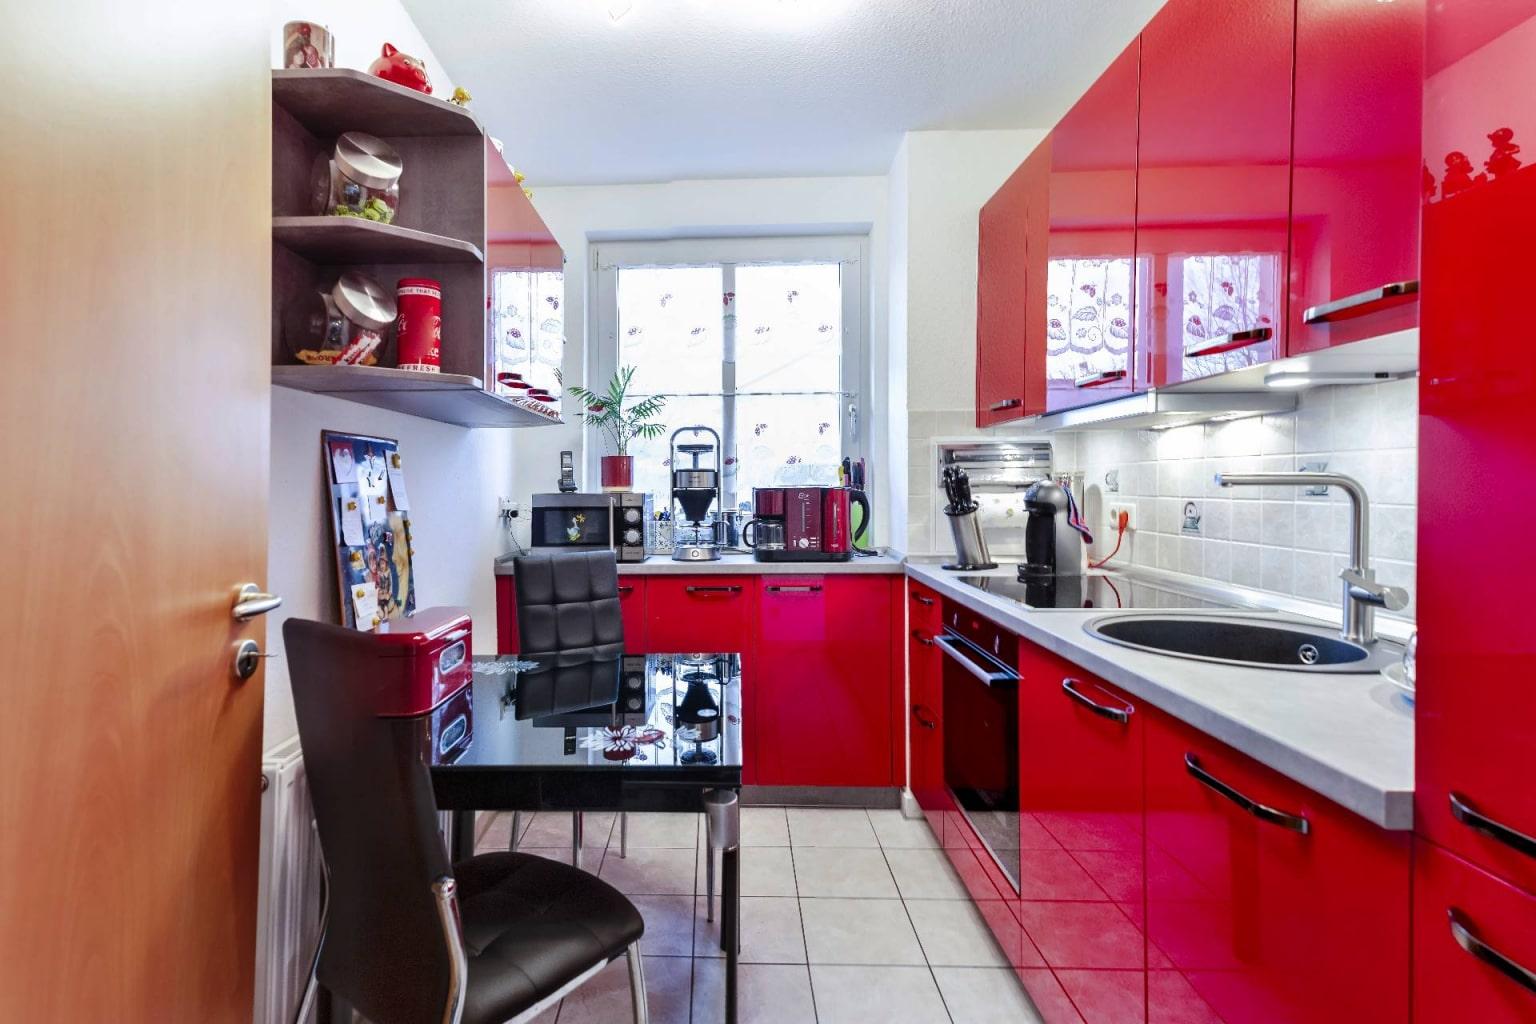 Hochglanz Küche in Echtlack Kirschrot (2)